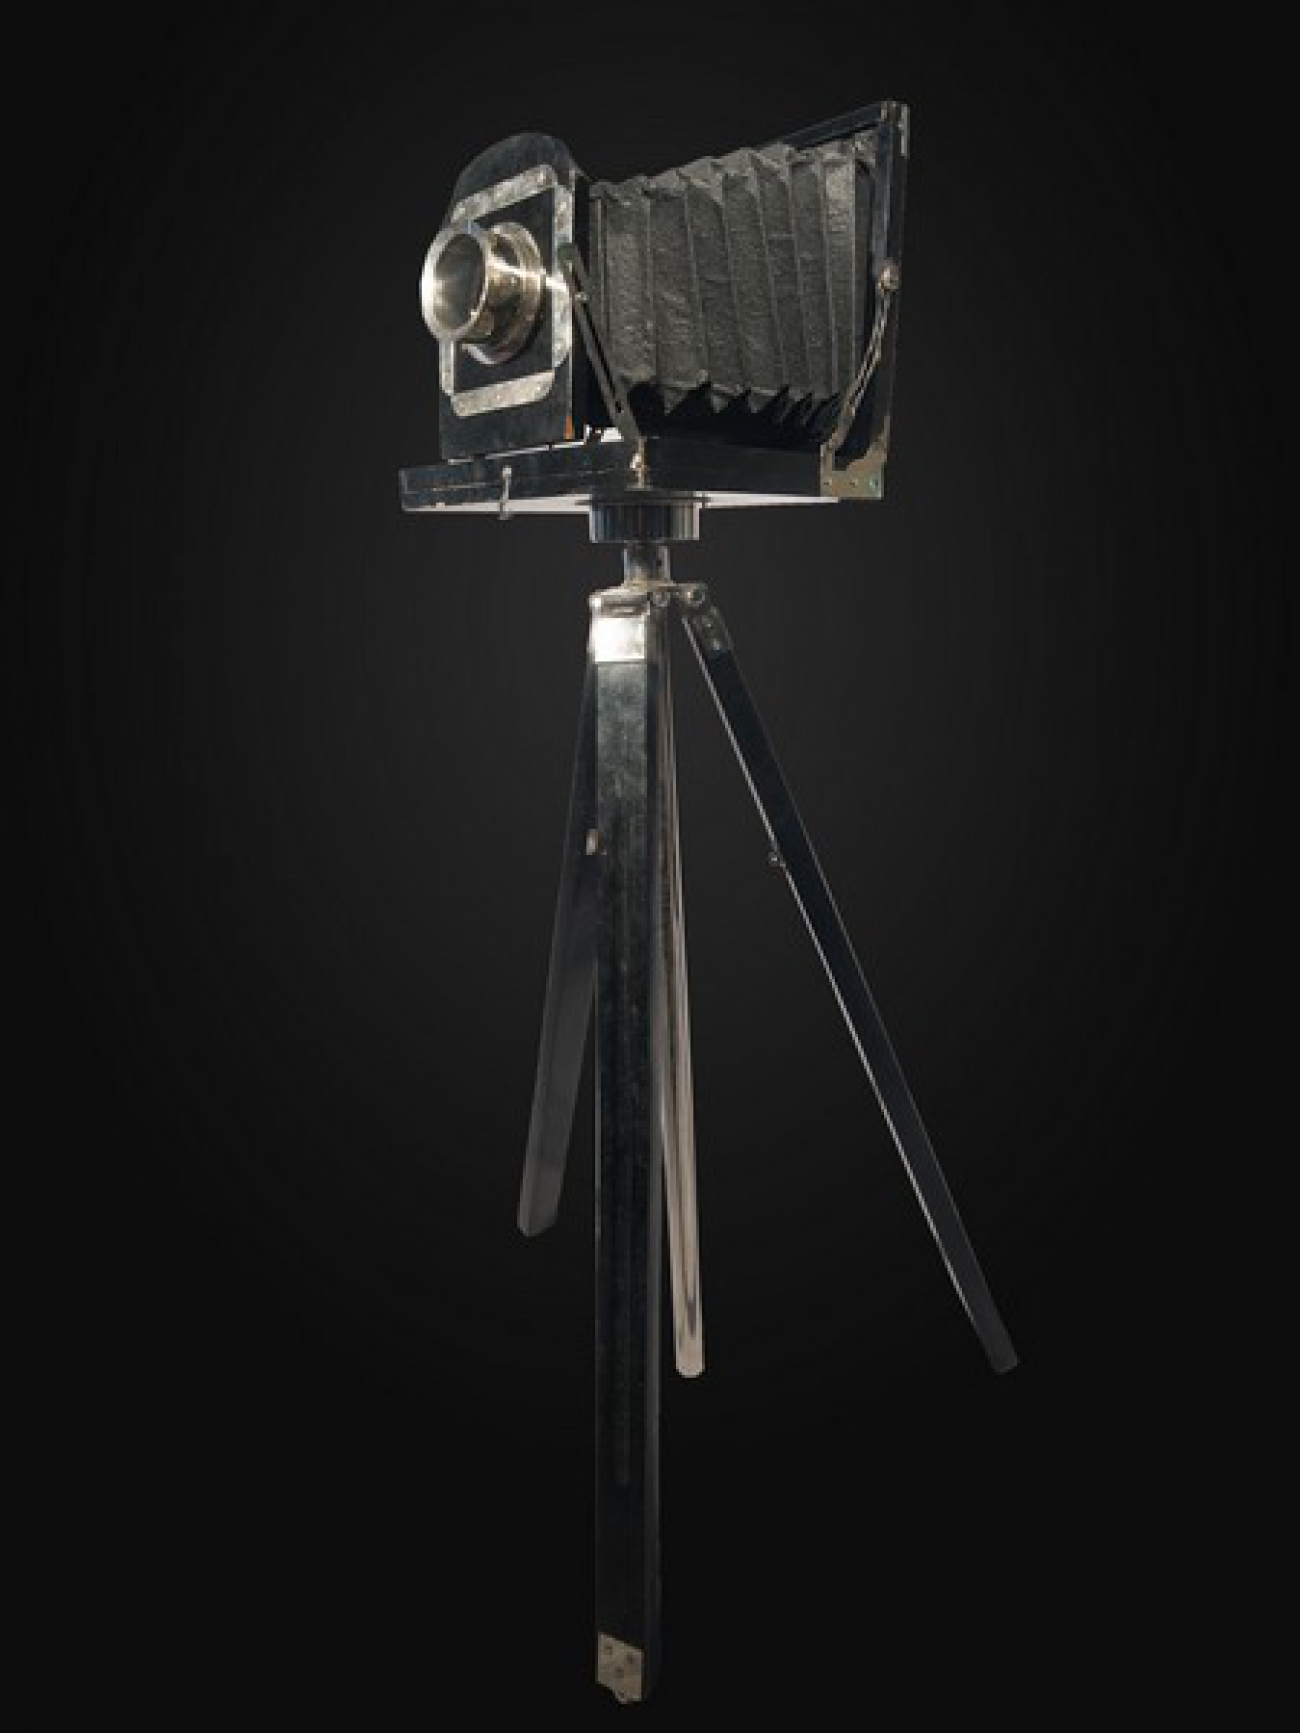 Ретро фотоаппарат на триноге